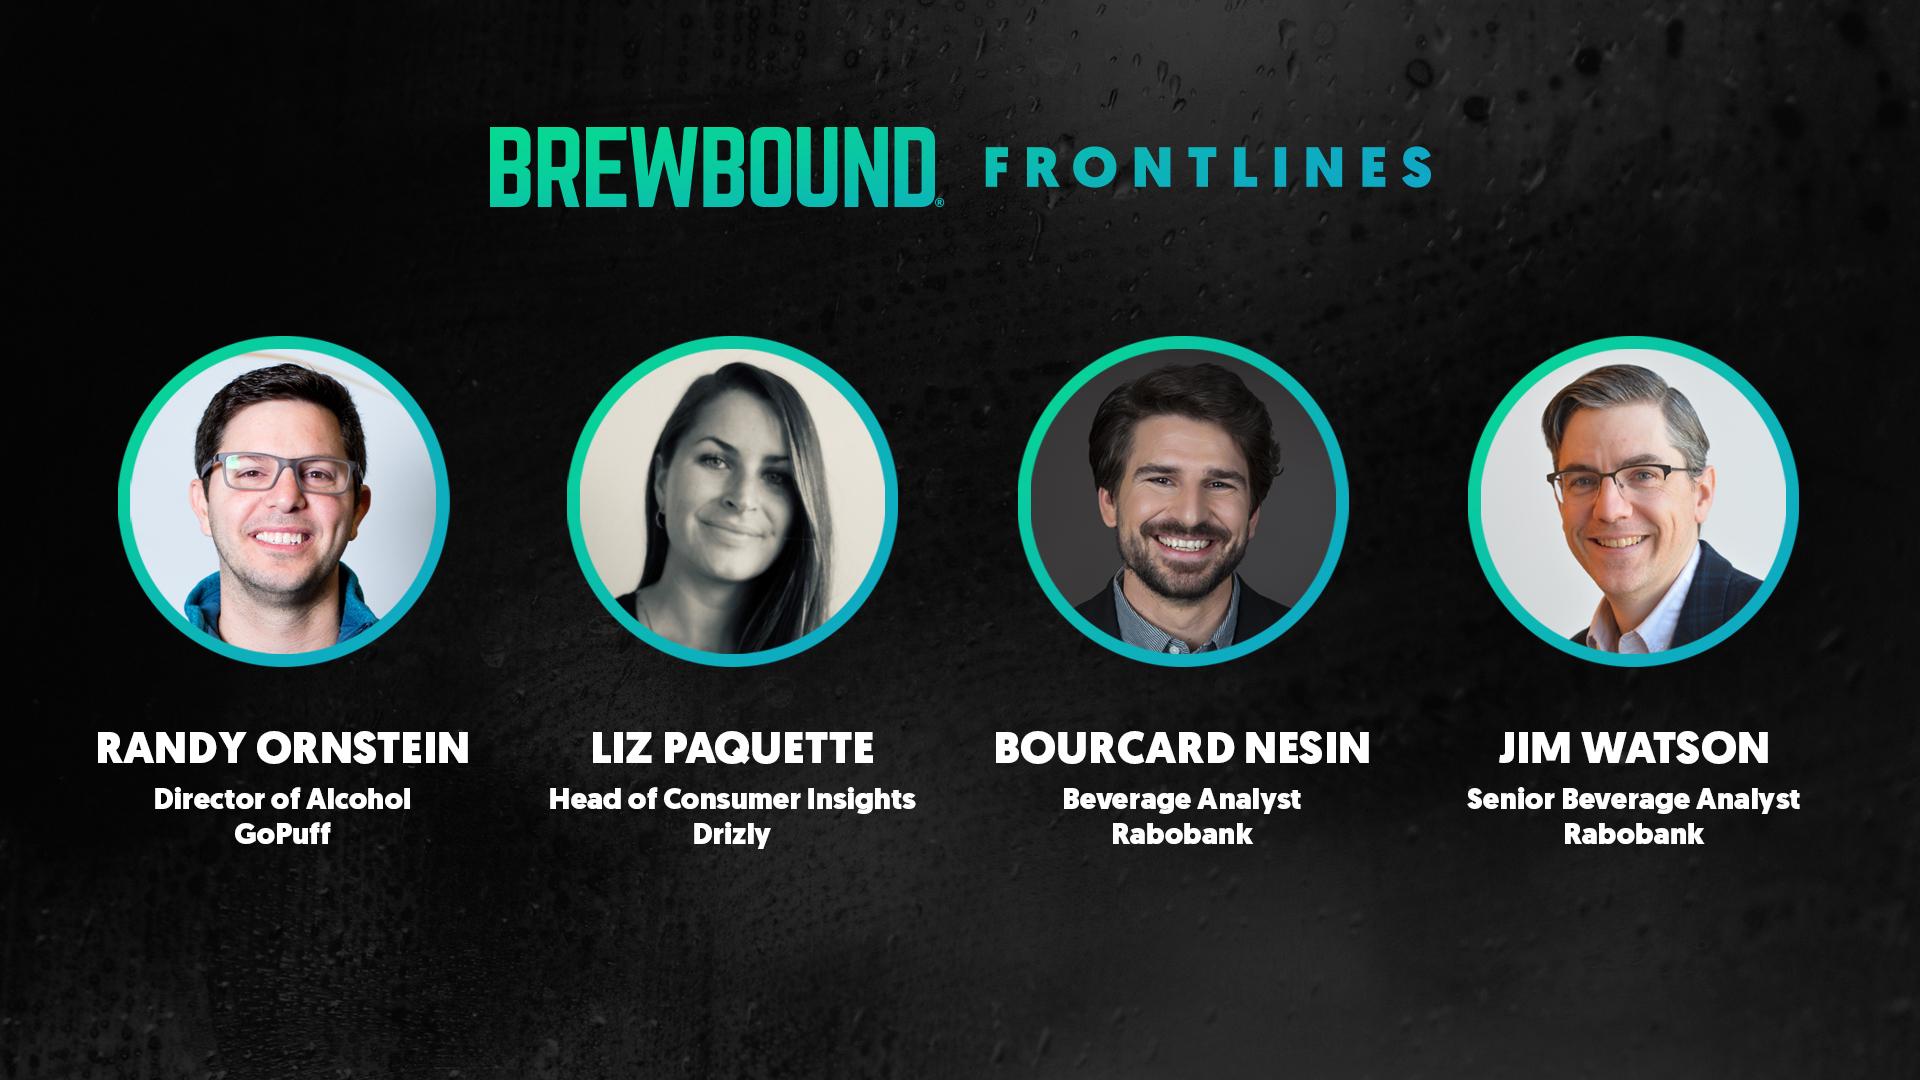 Brewbound Frontlines: Ecommerce Trends in Beer, FMBs & Cider